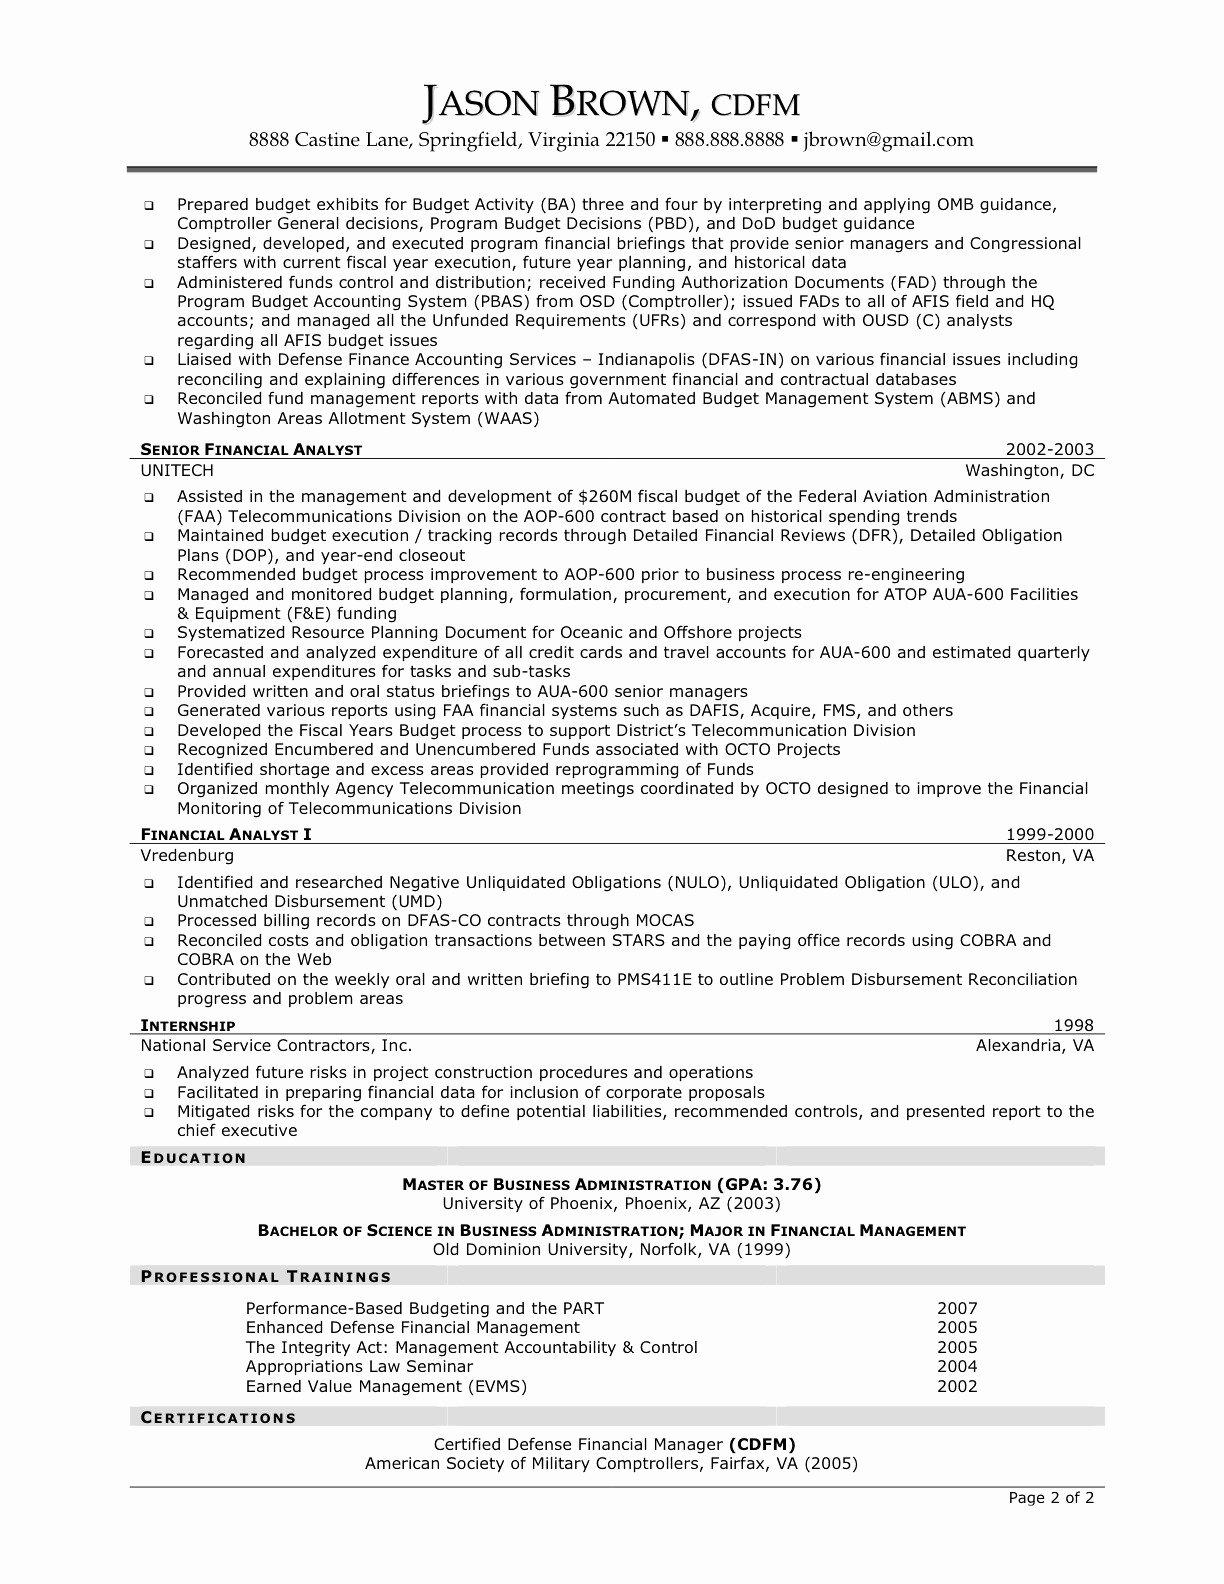 Where to Post My Resume Beautiful Fresh Write My Resume